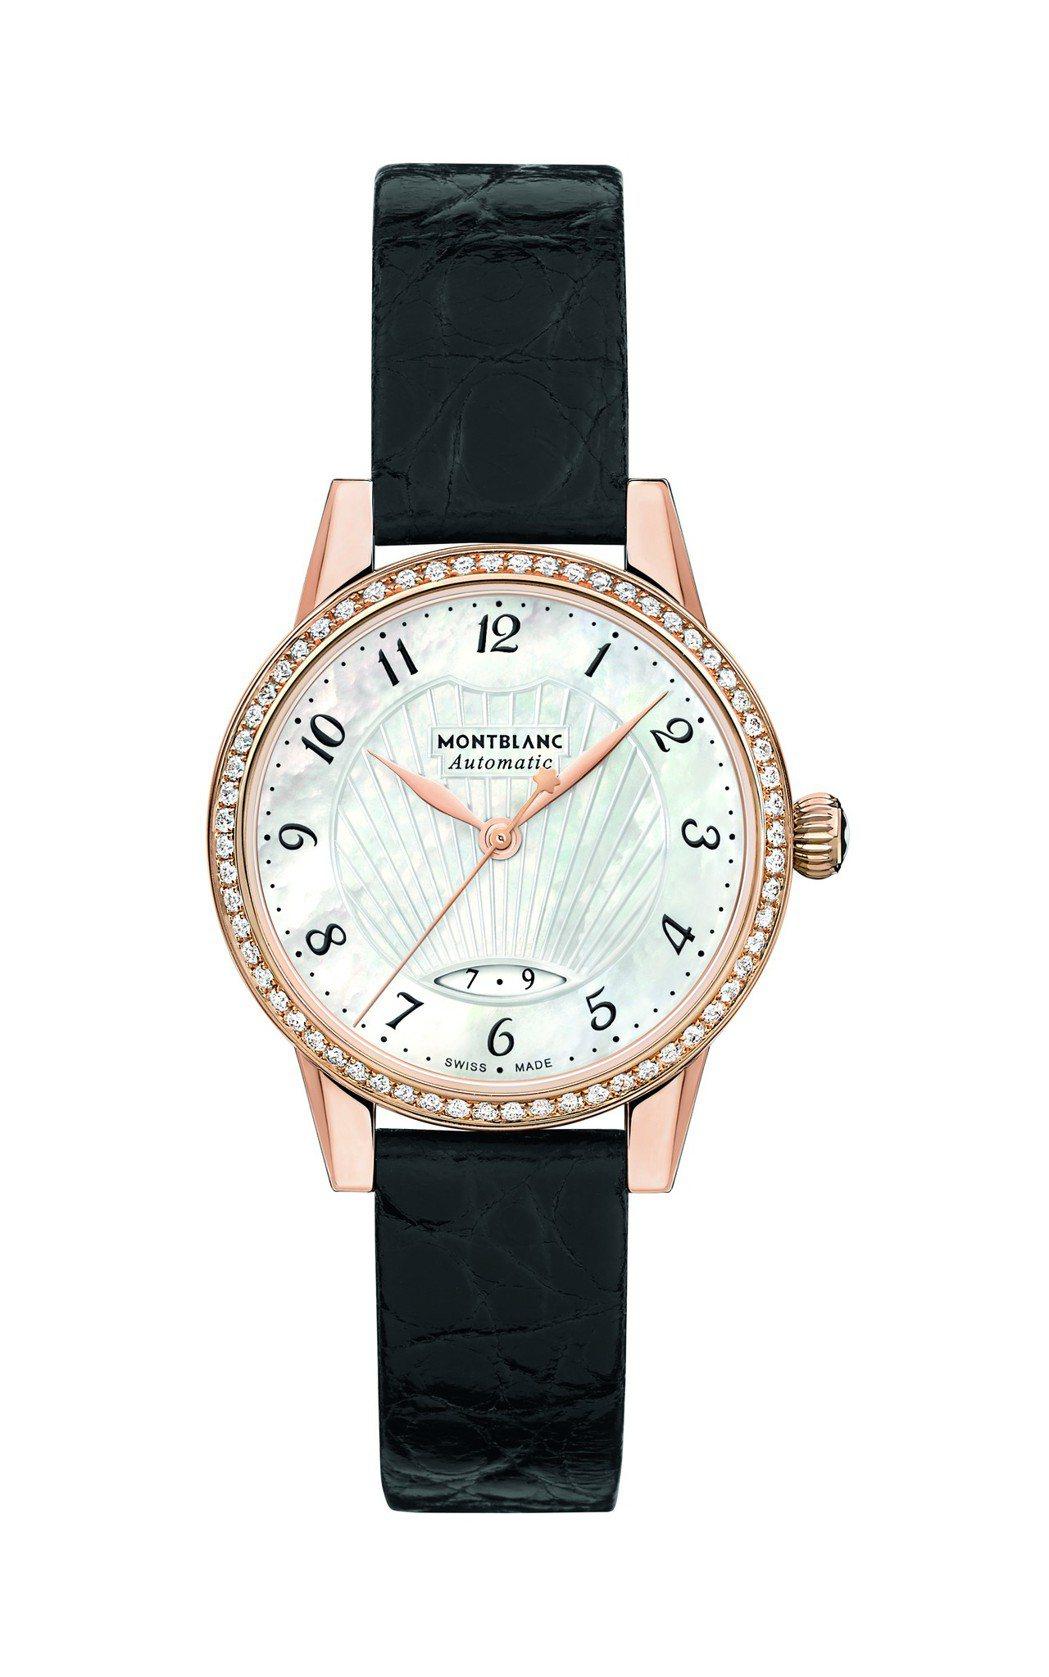 萬寶龍寶曦系列日期顯示腕表,18K玫瑰金表殼搭配鑲嵌62顆美鑽表圈,約39萬4,...